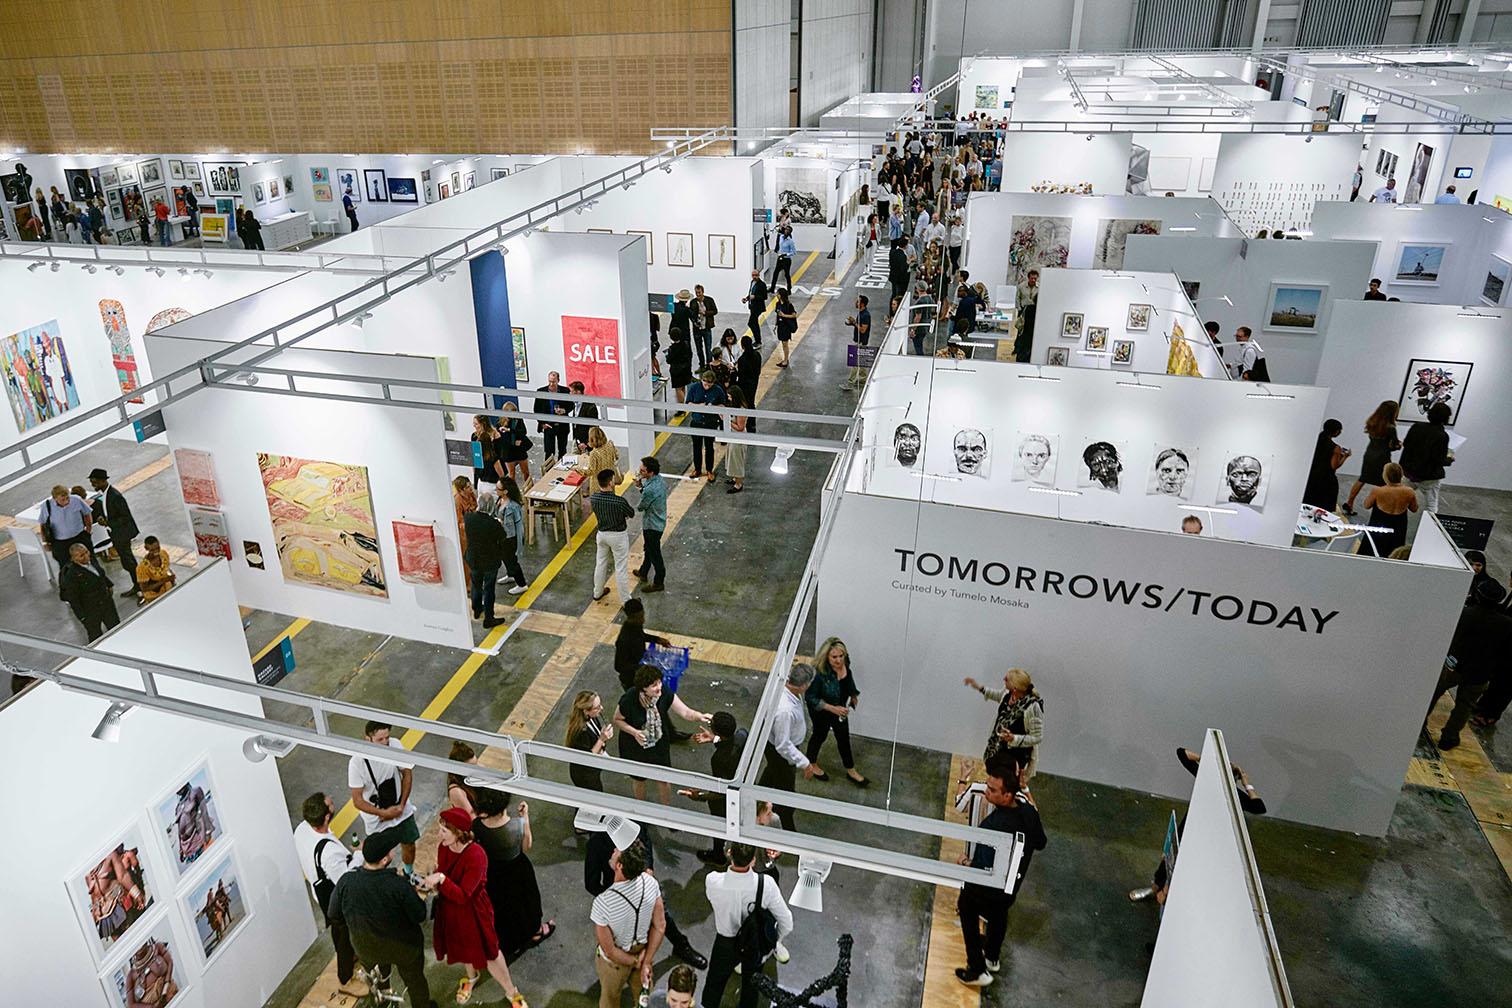 ICTAF2018   Fondazione Fiera Milano To Sponsor Tomorrow / Today Prize